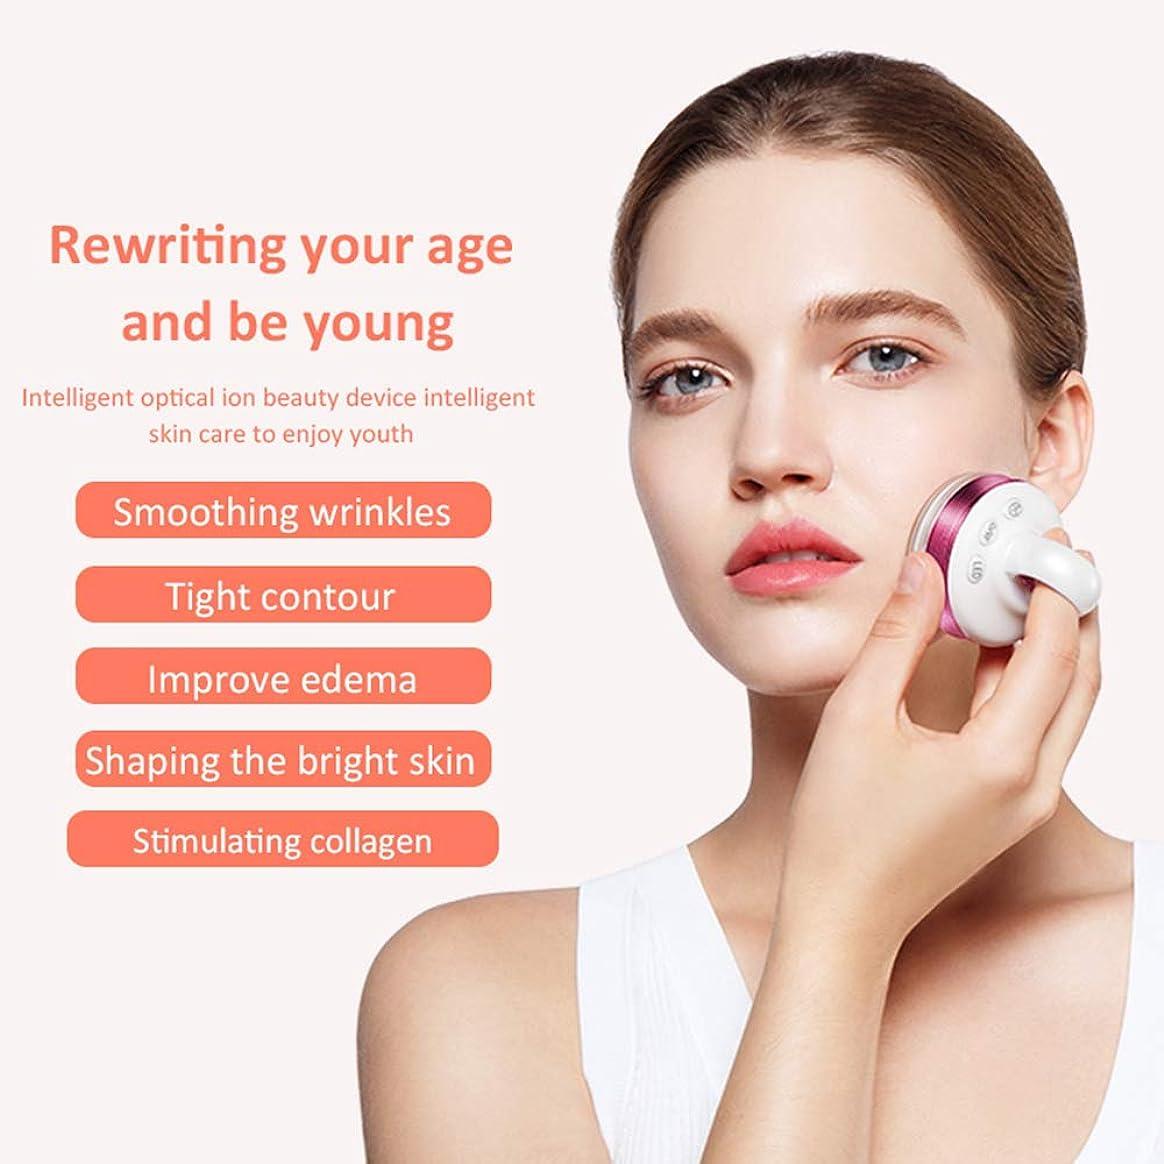 納得させる防衛大いに顔と体のプロフェッショナルのためのRfマシン、EMSマッサージャー、ハンドヘルドフェイシャルイオン導入機器、家庭用美容機器振動機器,紫色